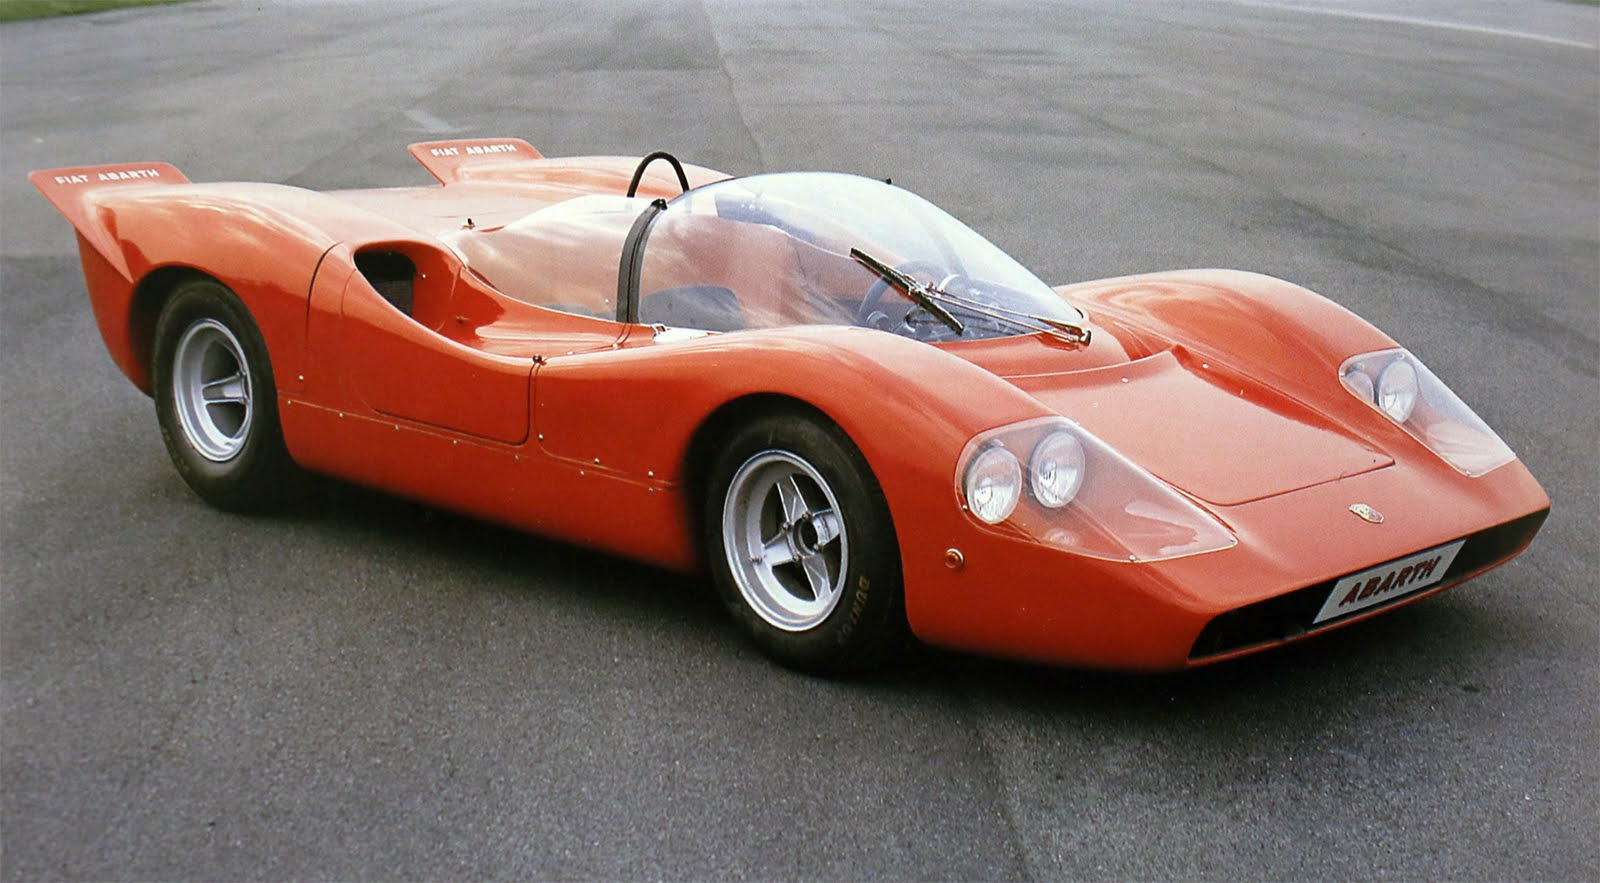 1968 FIAT ABARTH 2000 SPORT SPIDER SE010|アバルトの歴史を刻んだモデル No.058